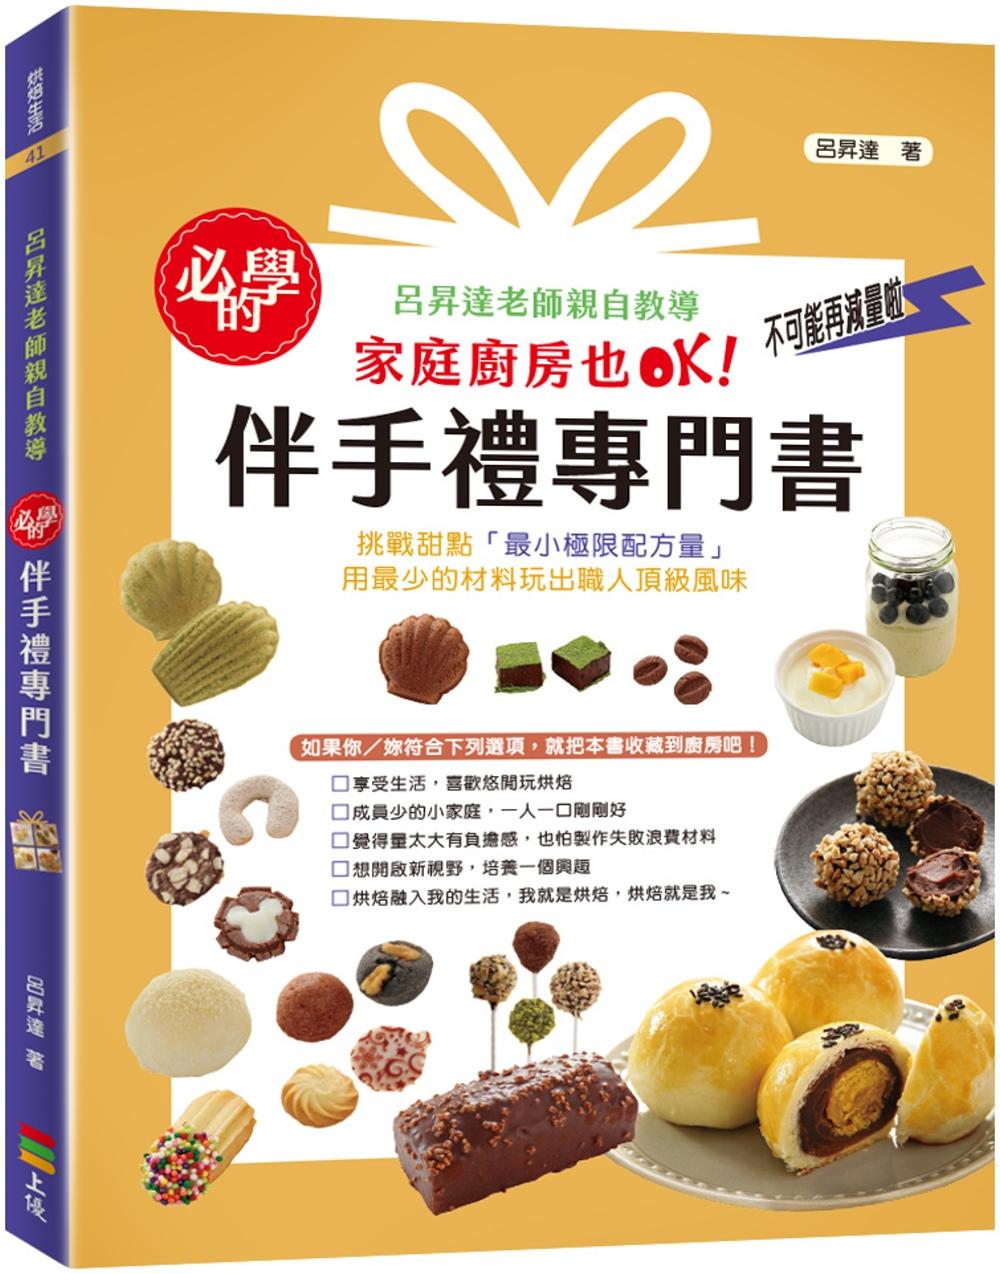 必學的伴手禮專門書(親簽版+贈品):呂昇達老師親自教導,家庭廚房也OK!